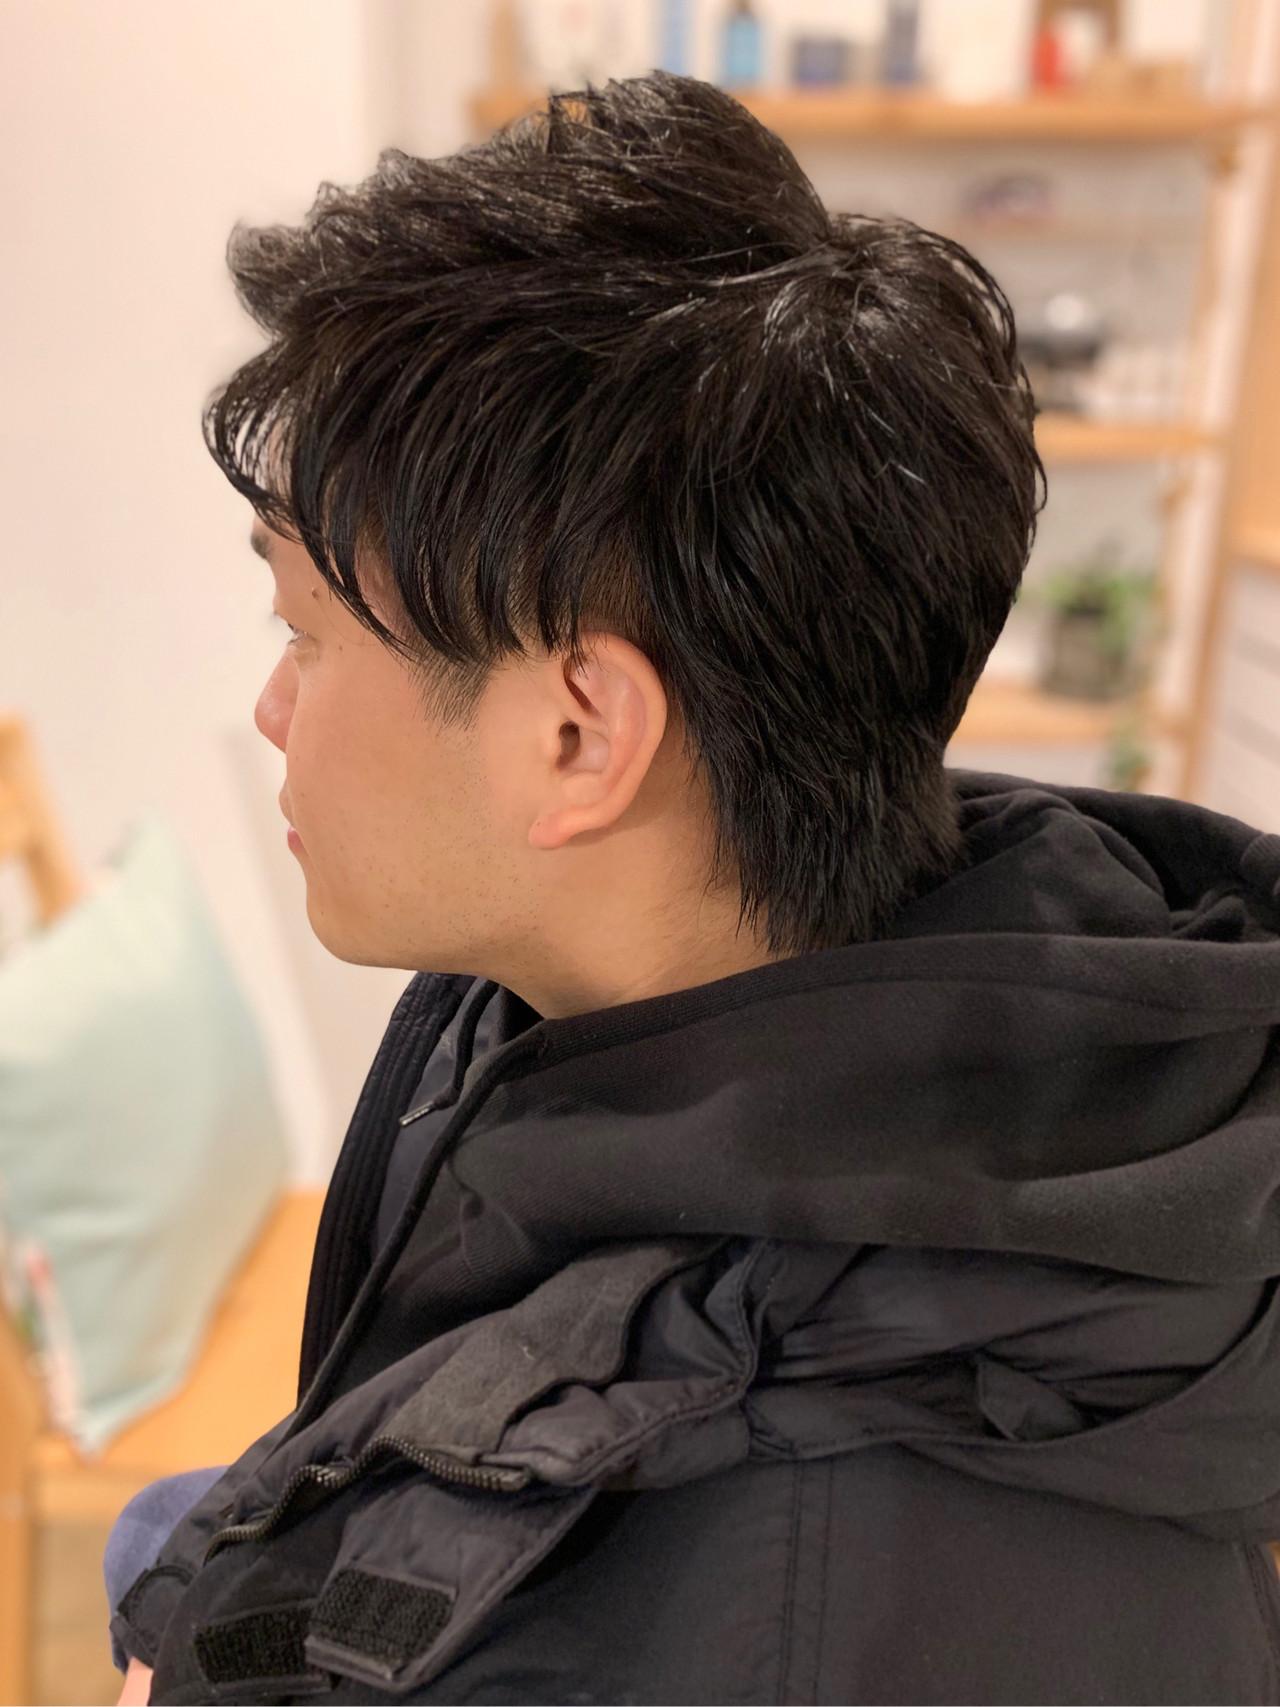 ナチュラル メンズショート メンズスタイル メンズヘアスタイルや髪型の写真・画像